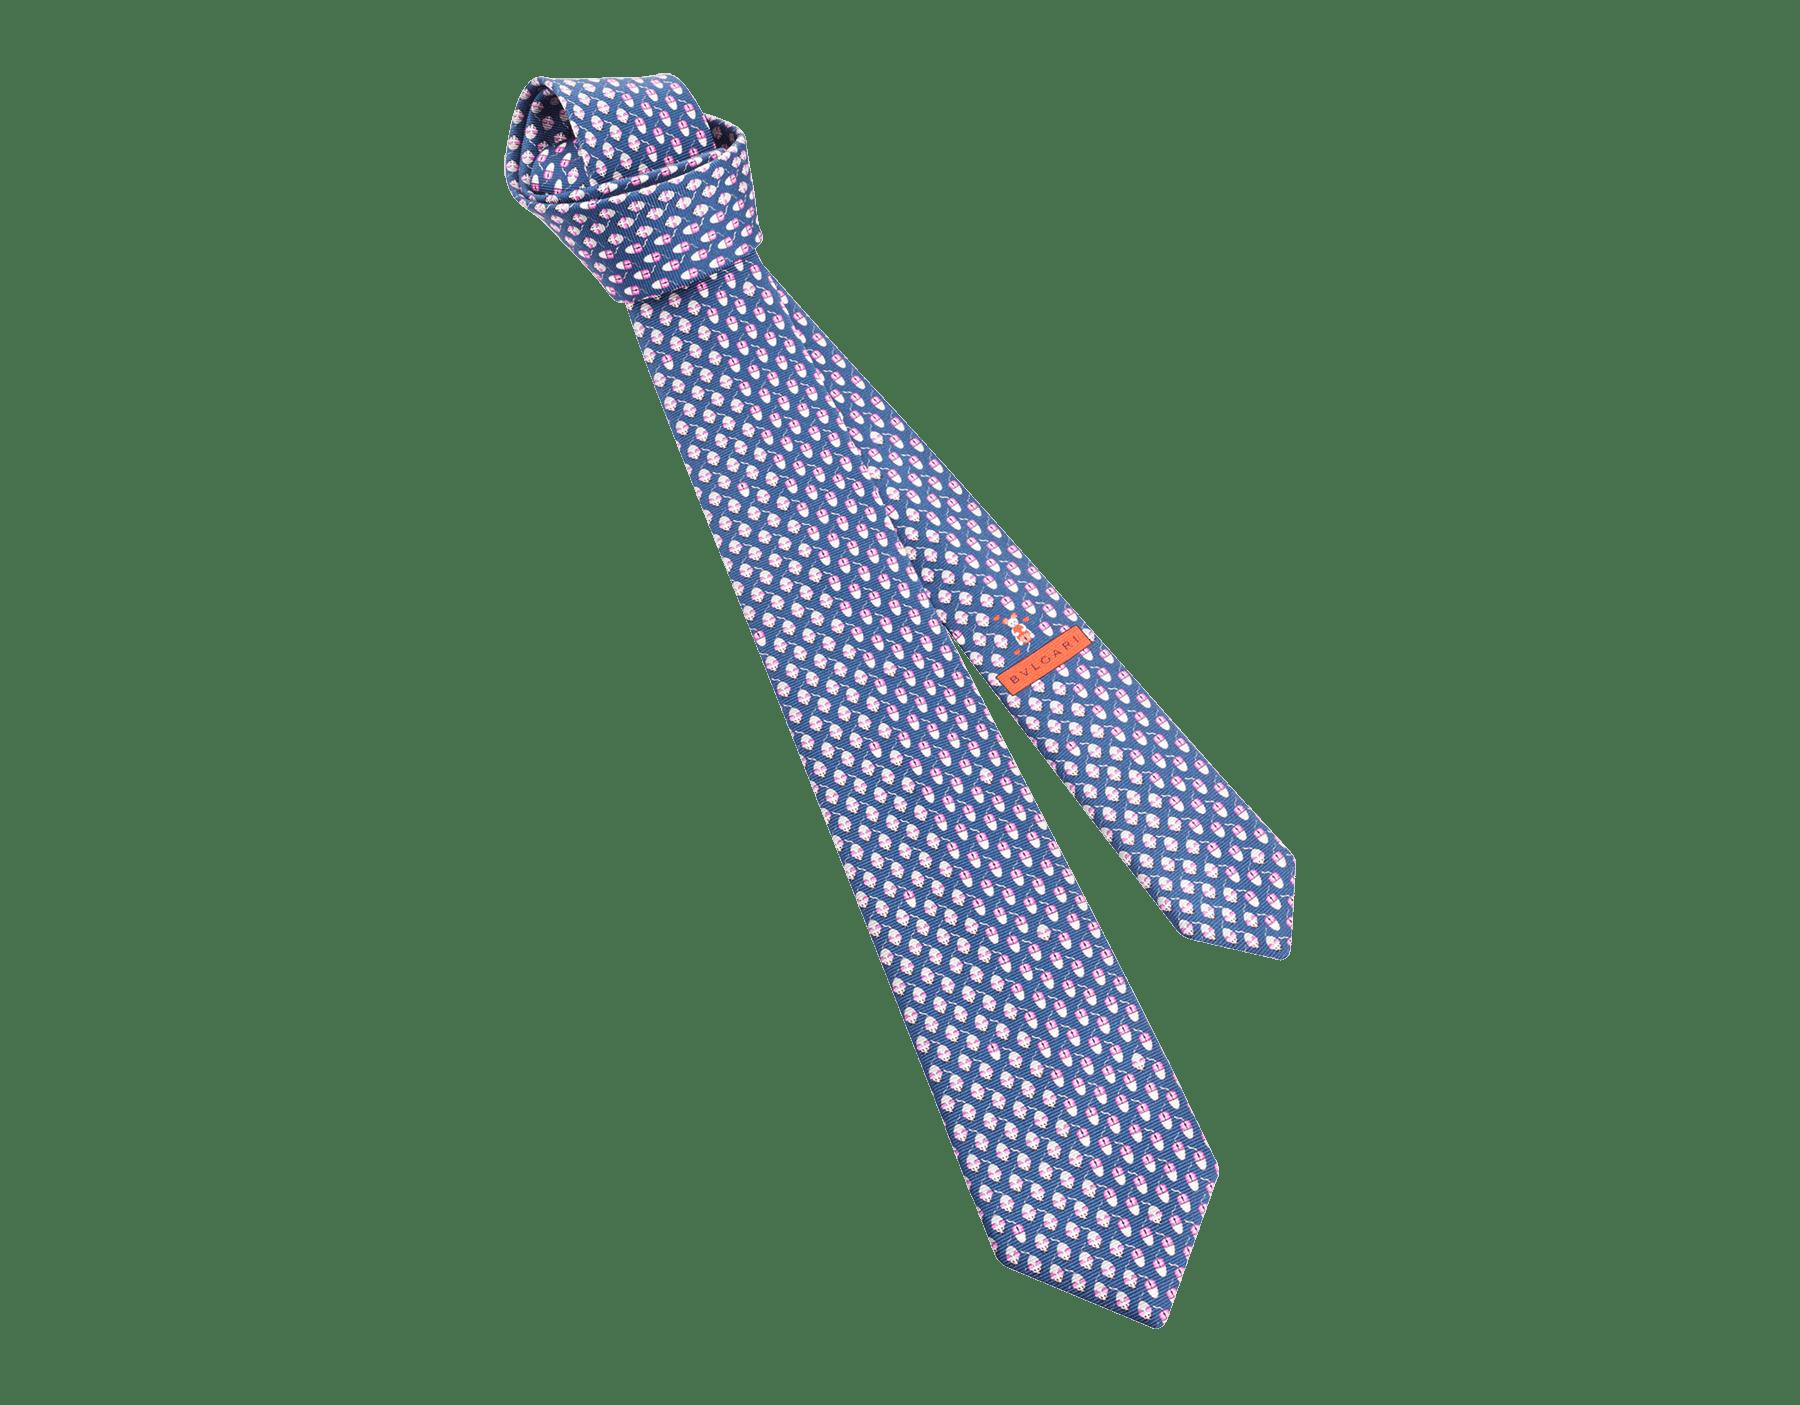 Siebenfach gefaltete lilafarbene Mouse Click Krawatte aus feiner, bedruckter Saglione-Seide. MouseClick image 1